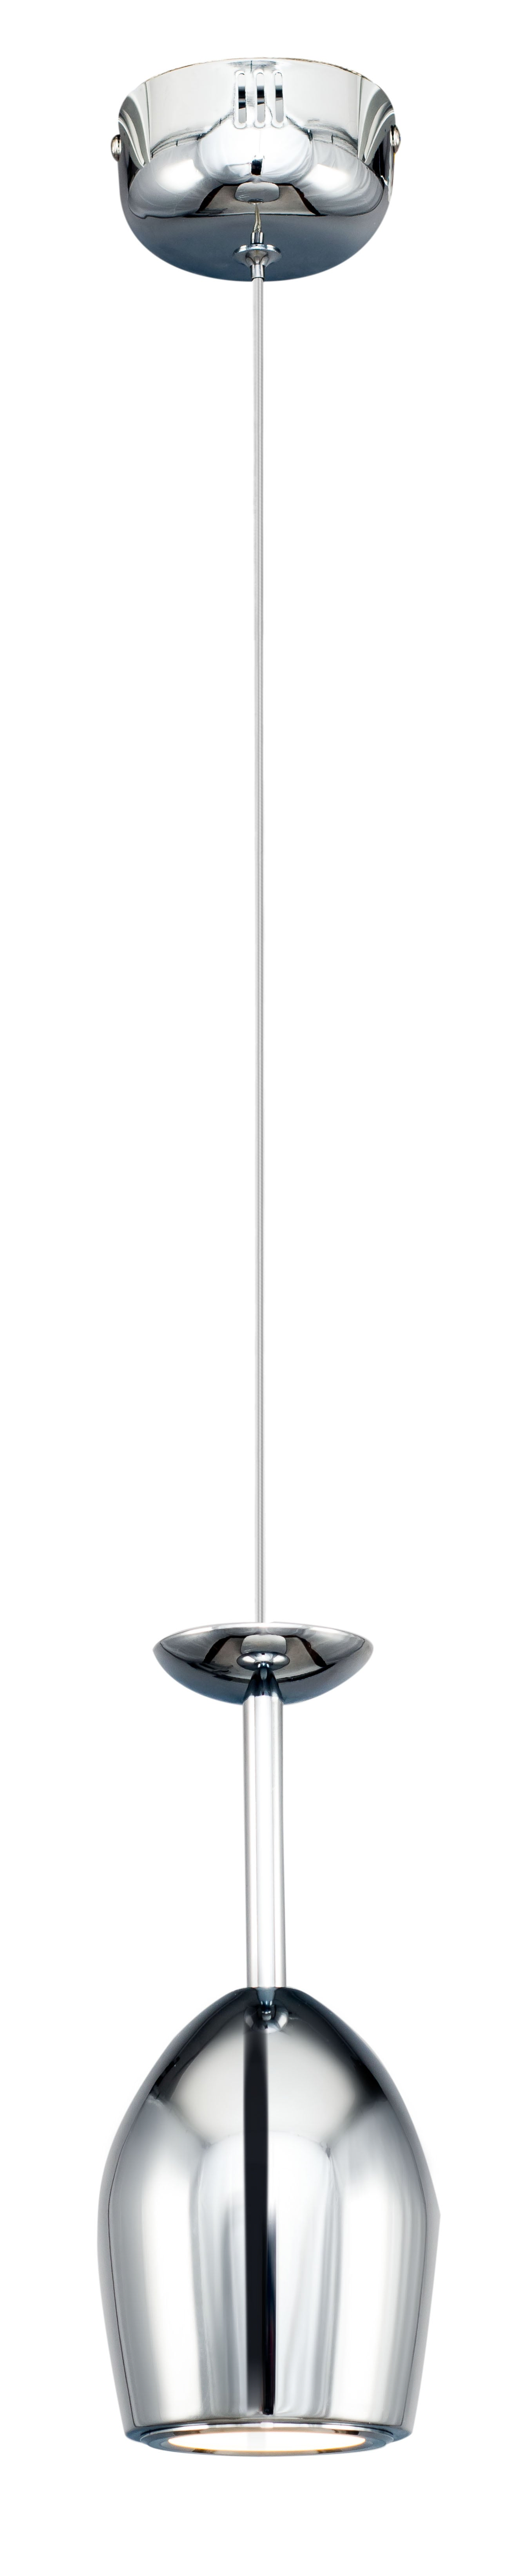 Lampa suspendată modernă LED Merlot crom 5W